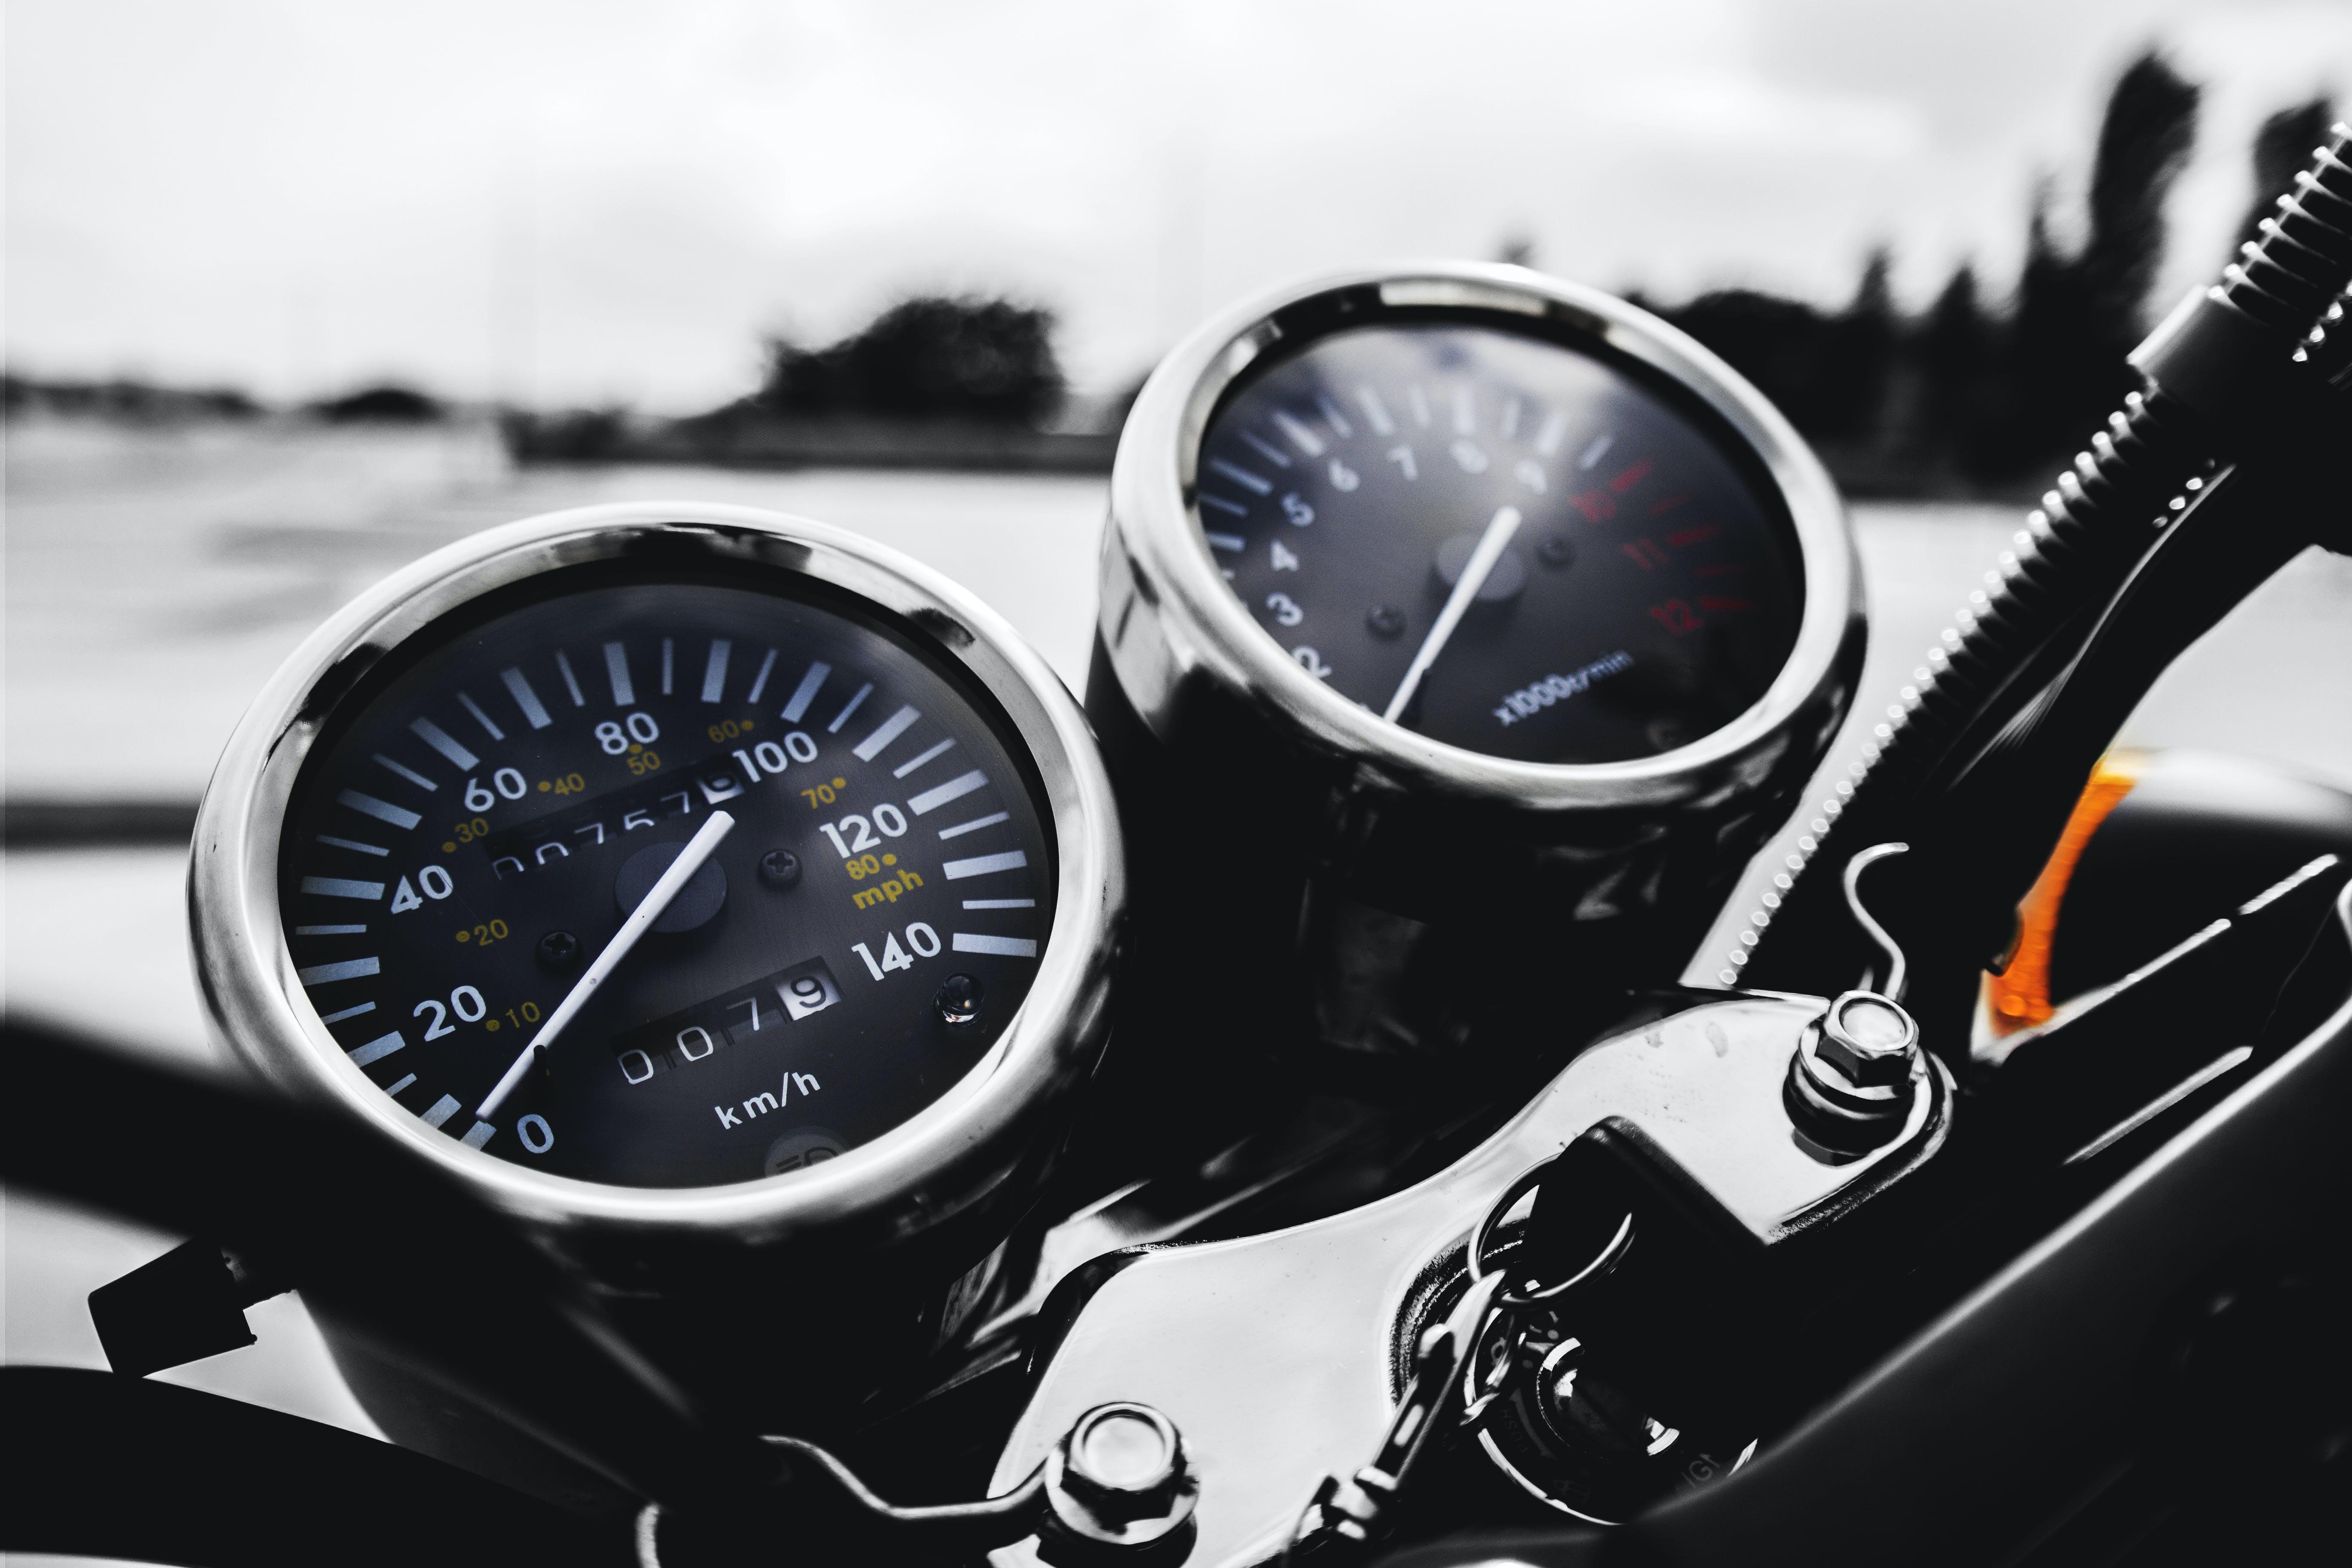 게이지, 모터바이크, 모터사이클, 속도의 무료 스톡 사진